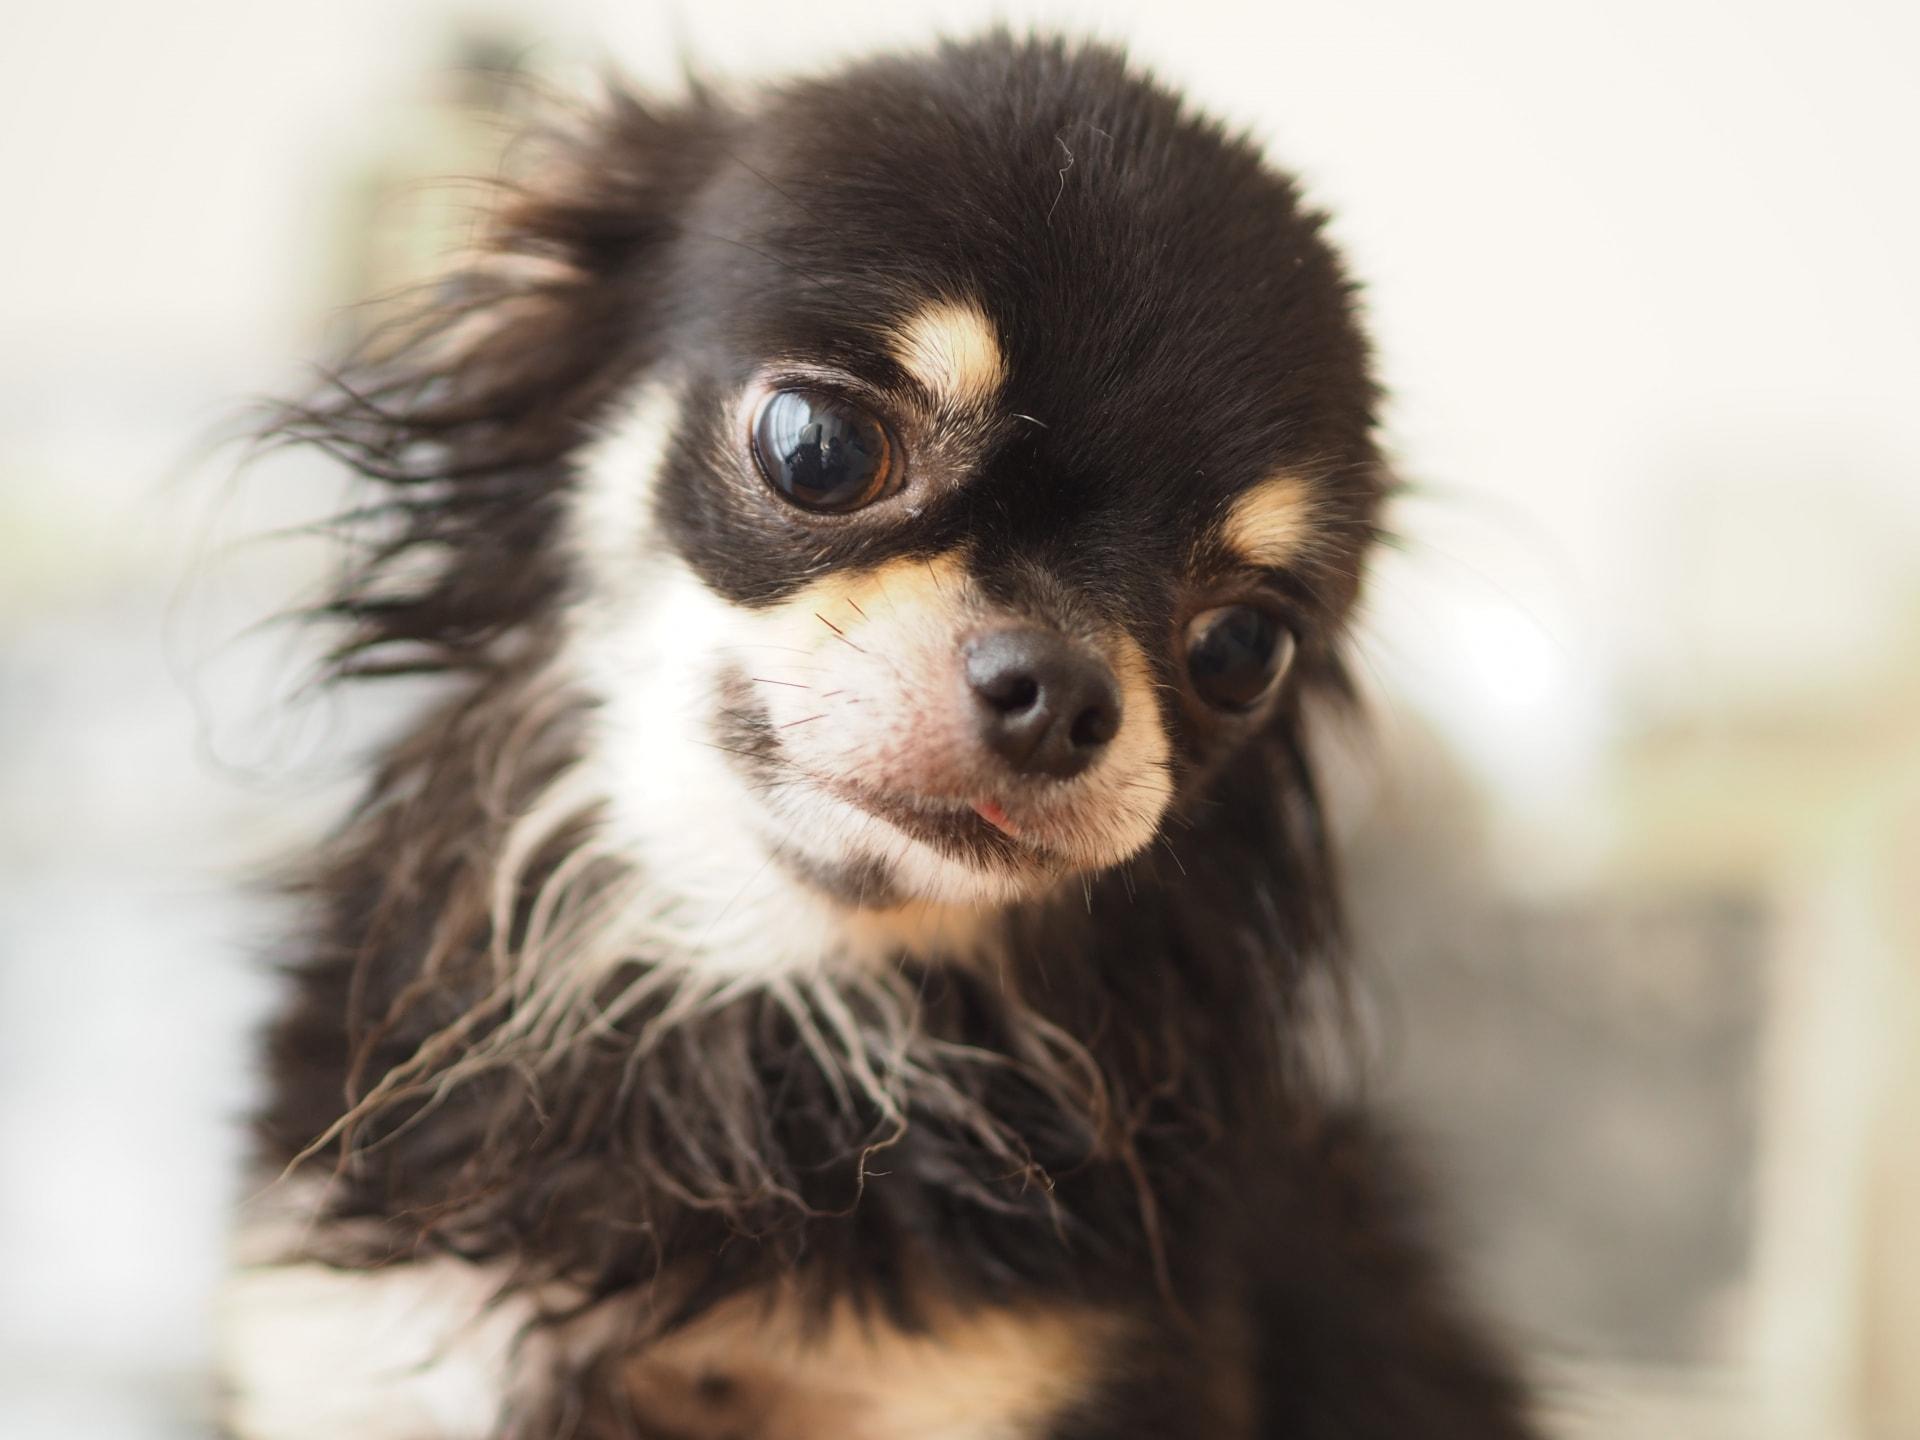 ペット保険の保険金はいくら支払われるの?